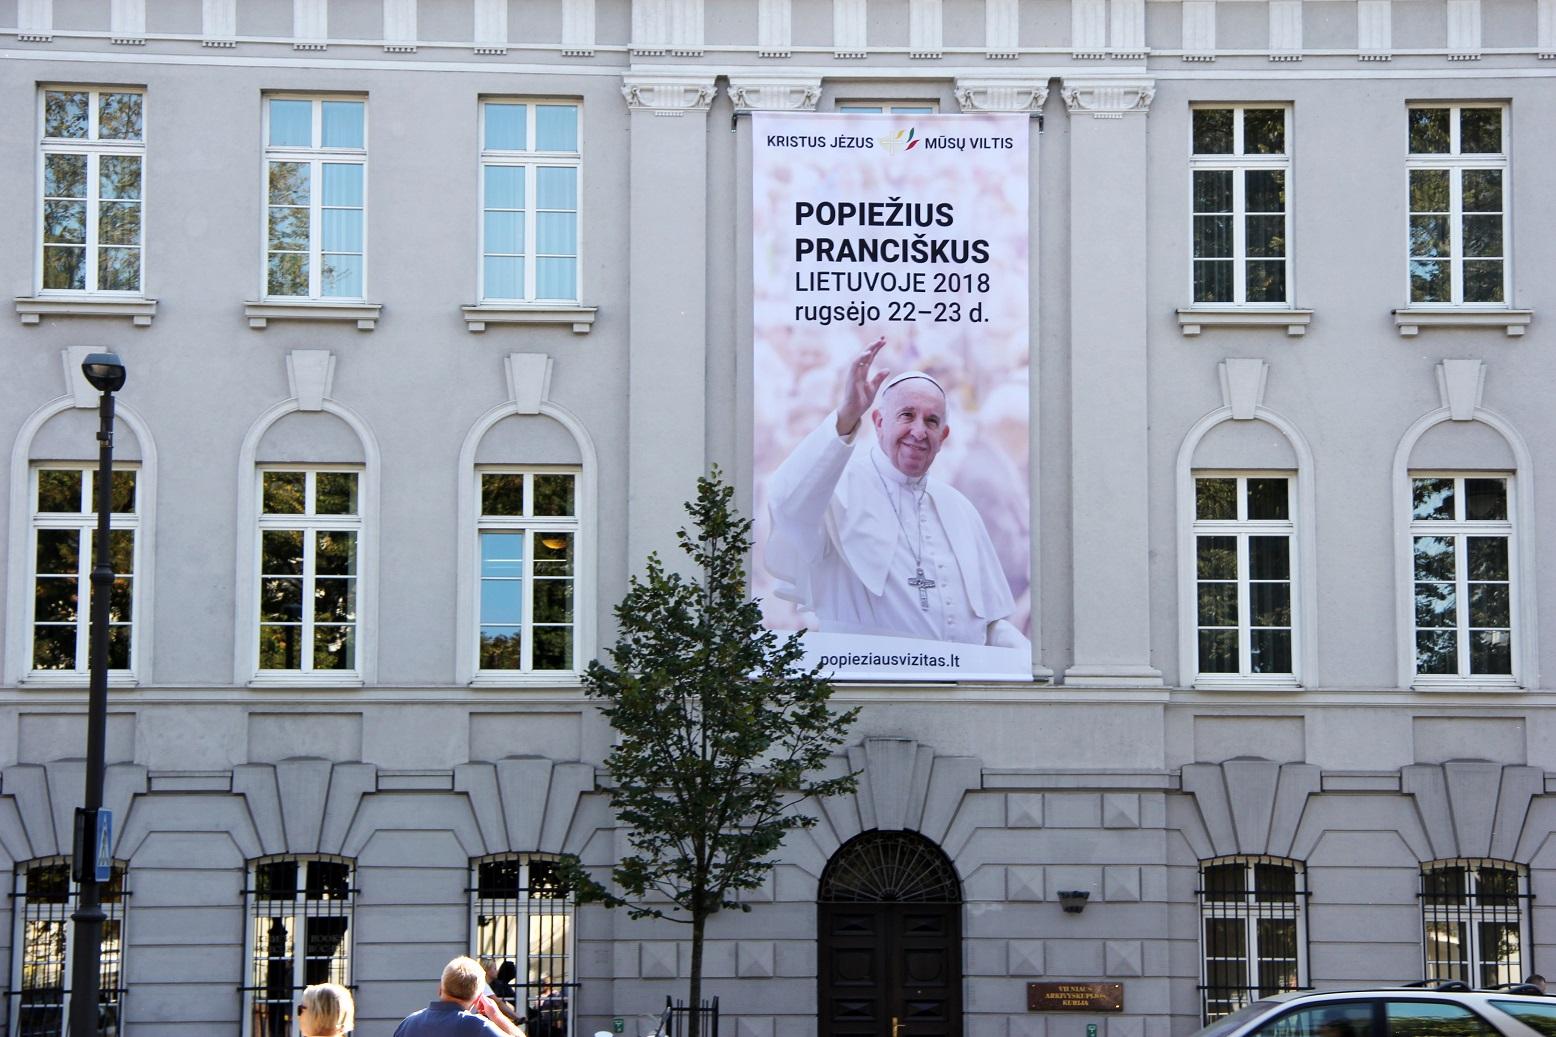 Навстречу Папе (записки паломницы). По следам апостольского визита Святейшего Отца в Прибалтику